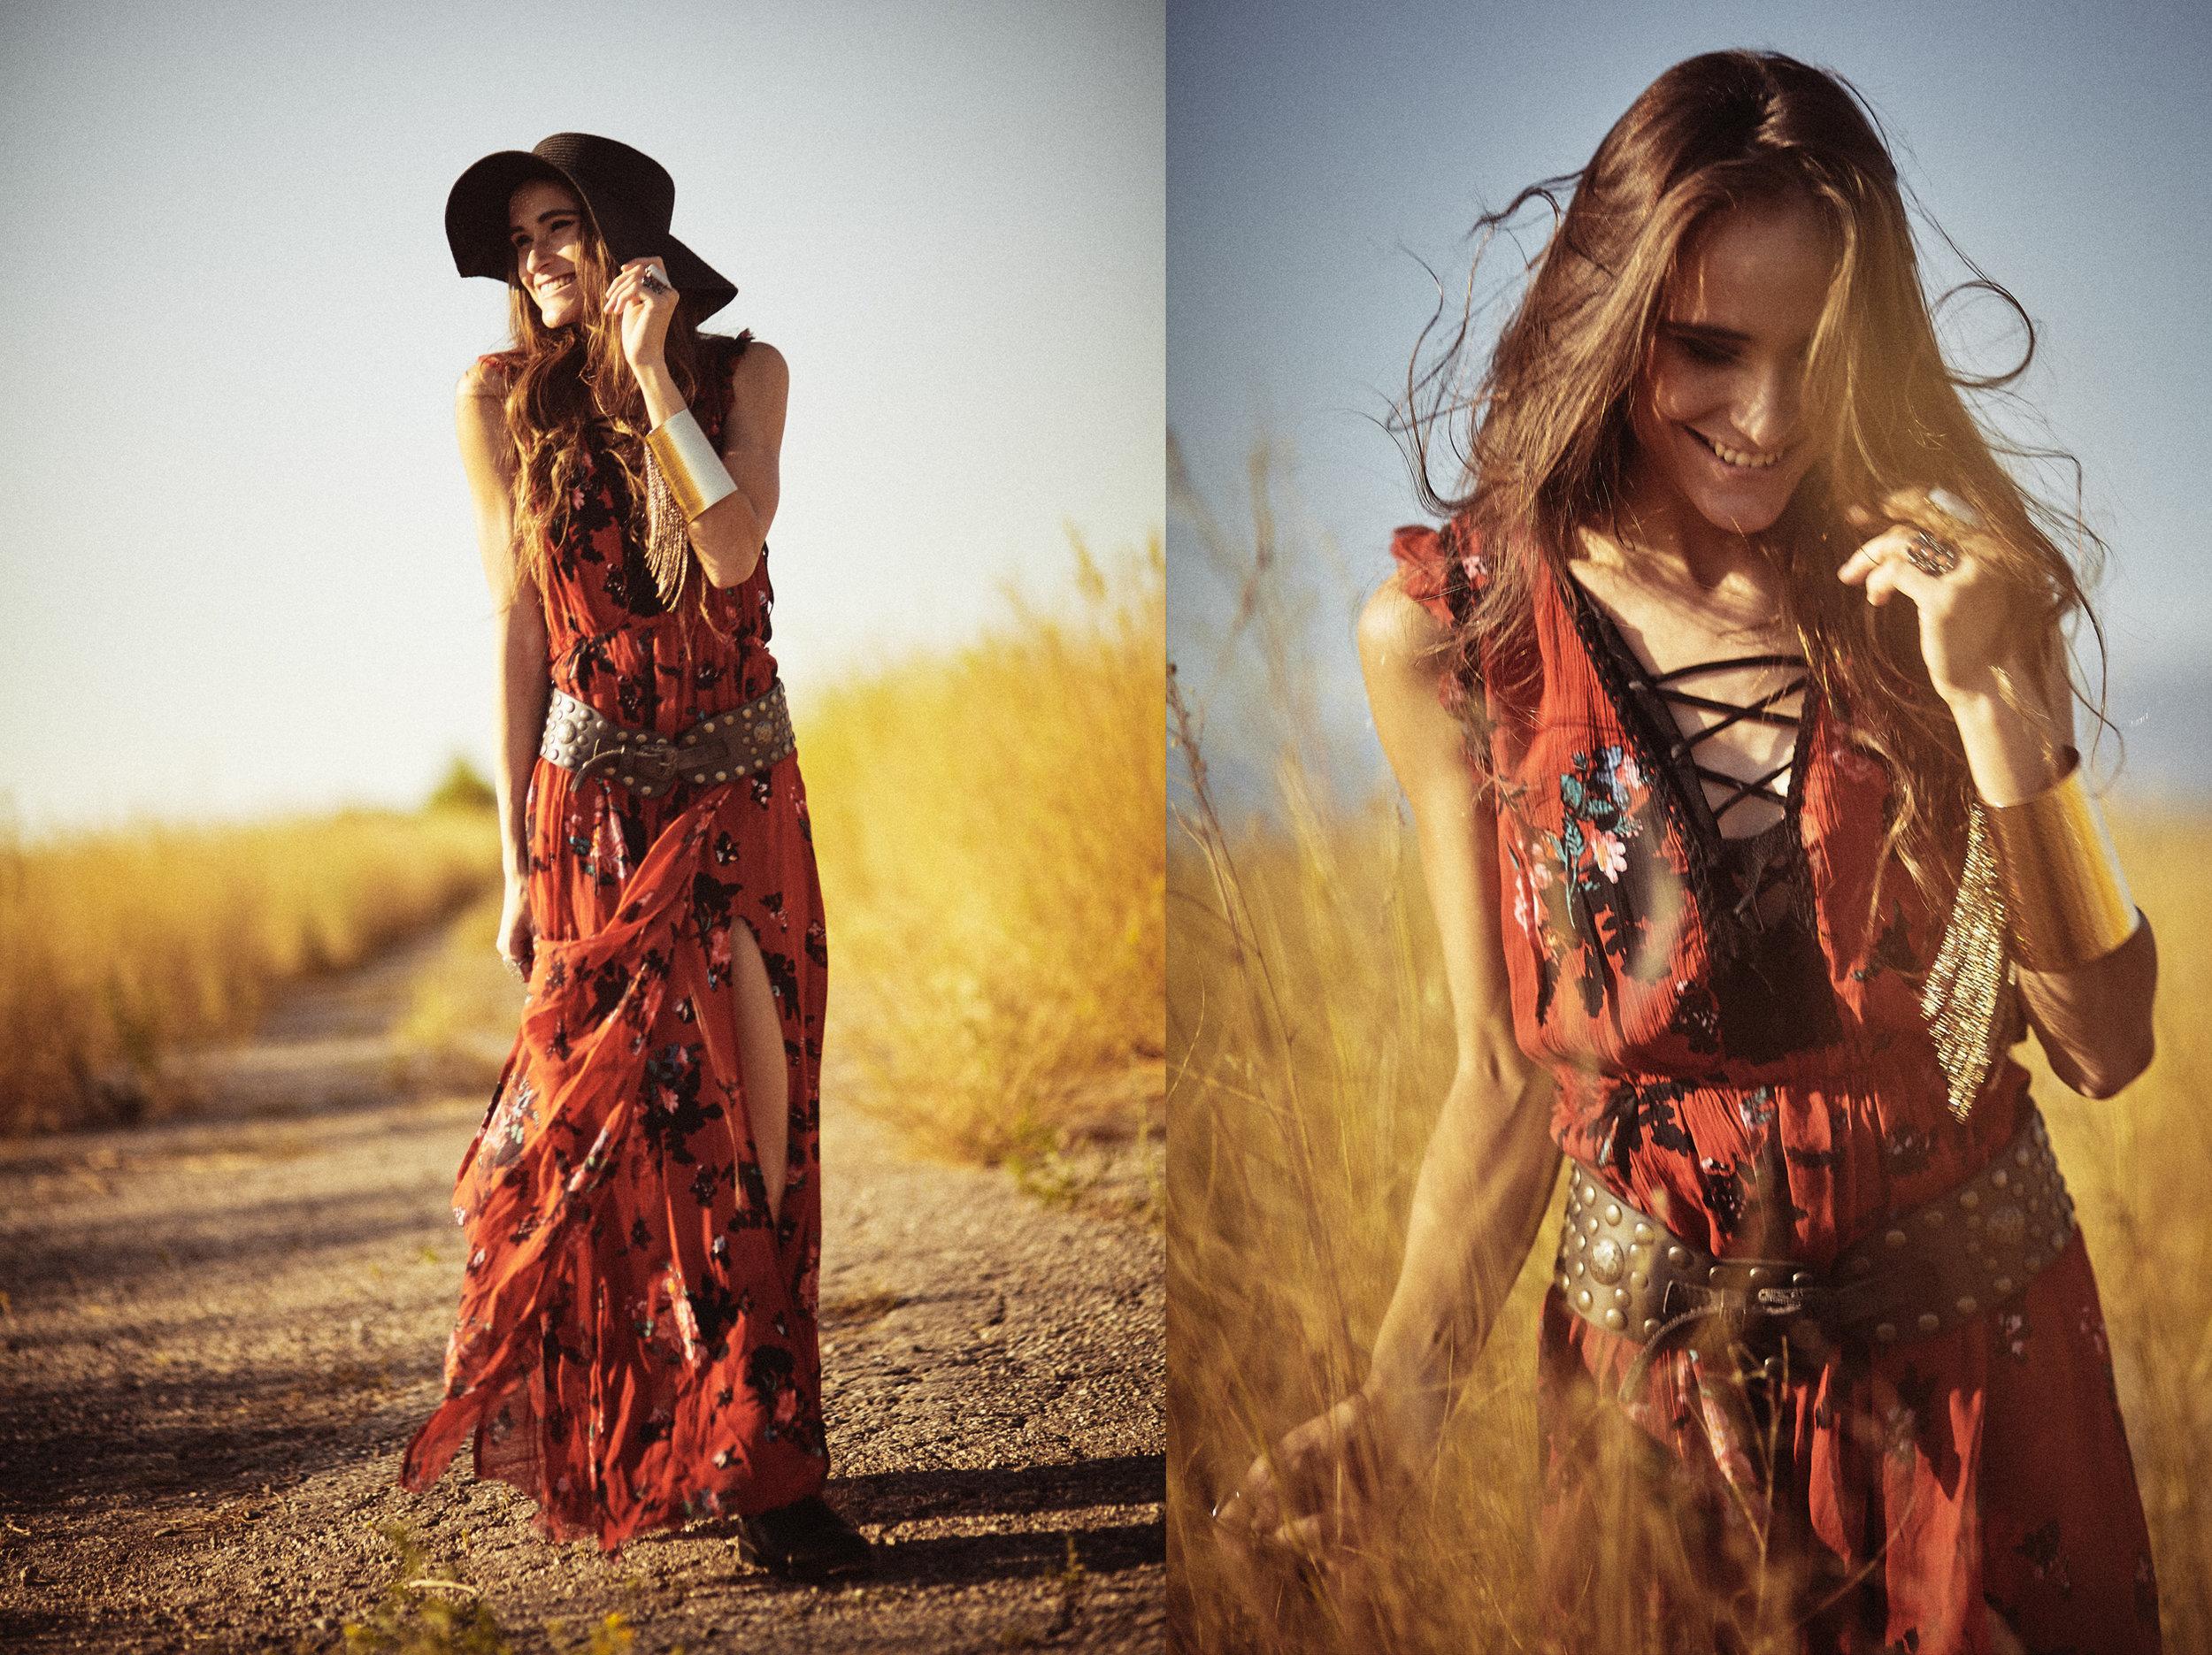 editorial-desert02.jpg